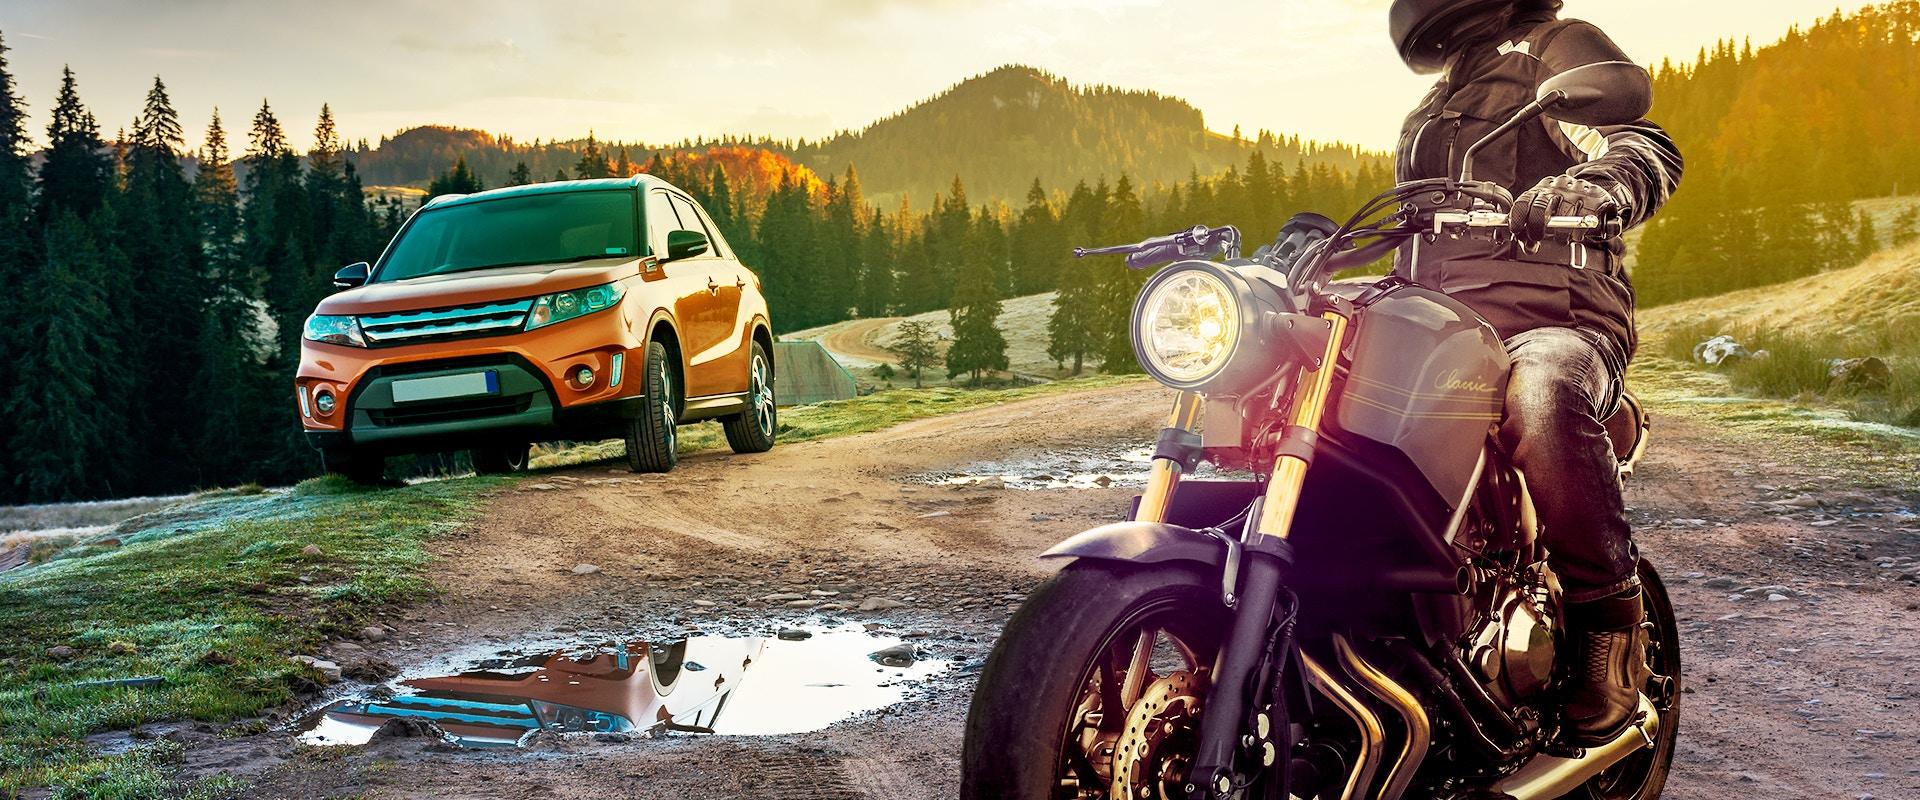 Ein Auto und ein Motorrad bei Sonnenuntergang.